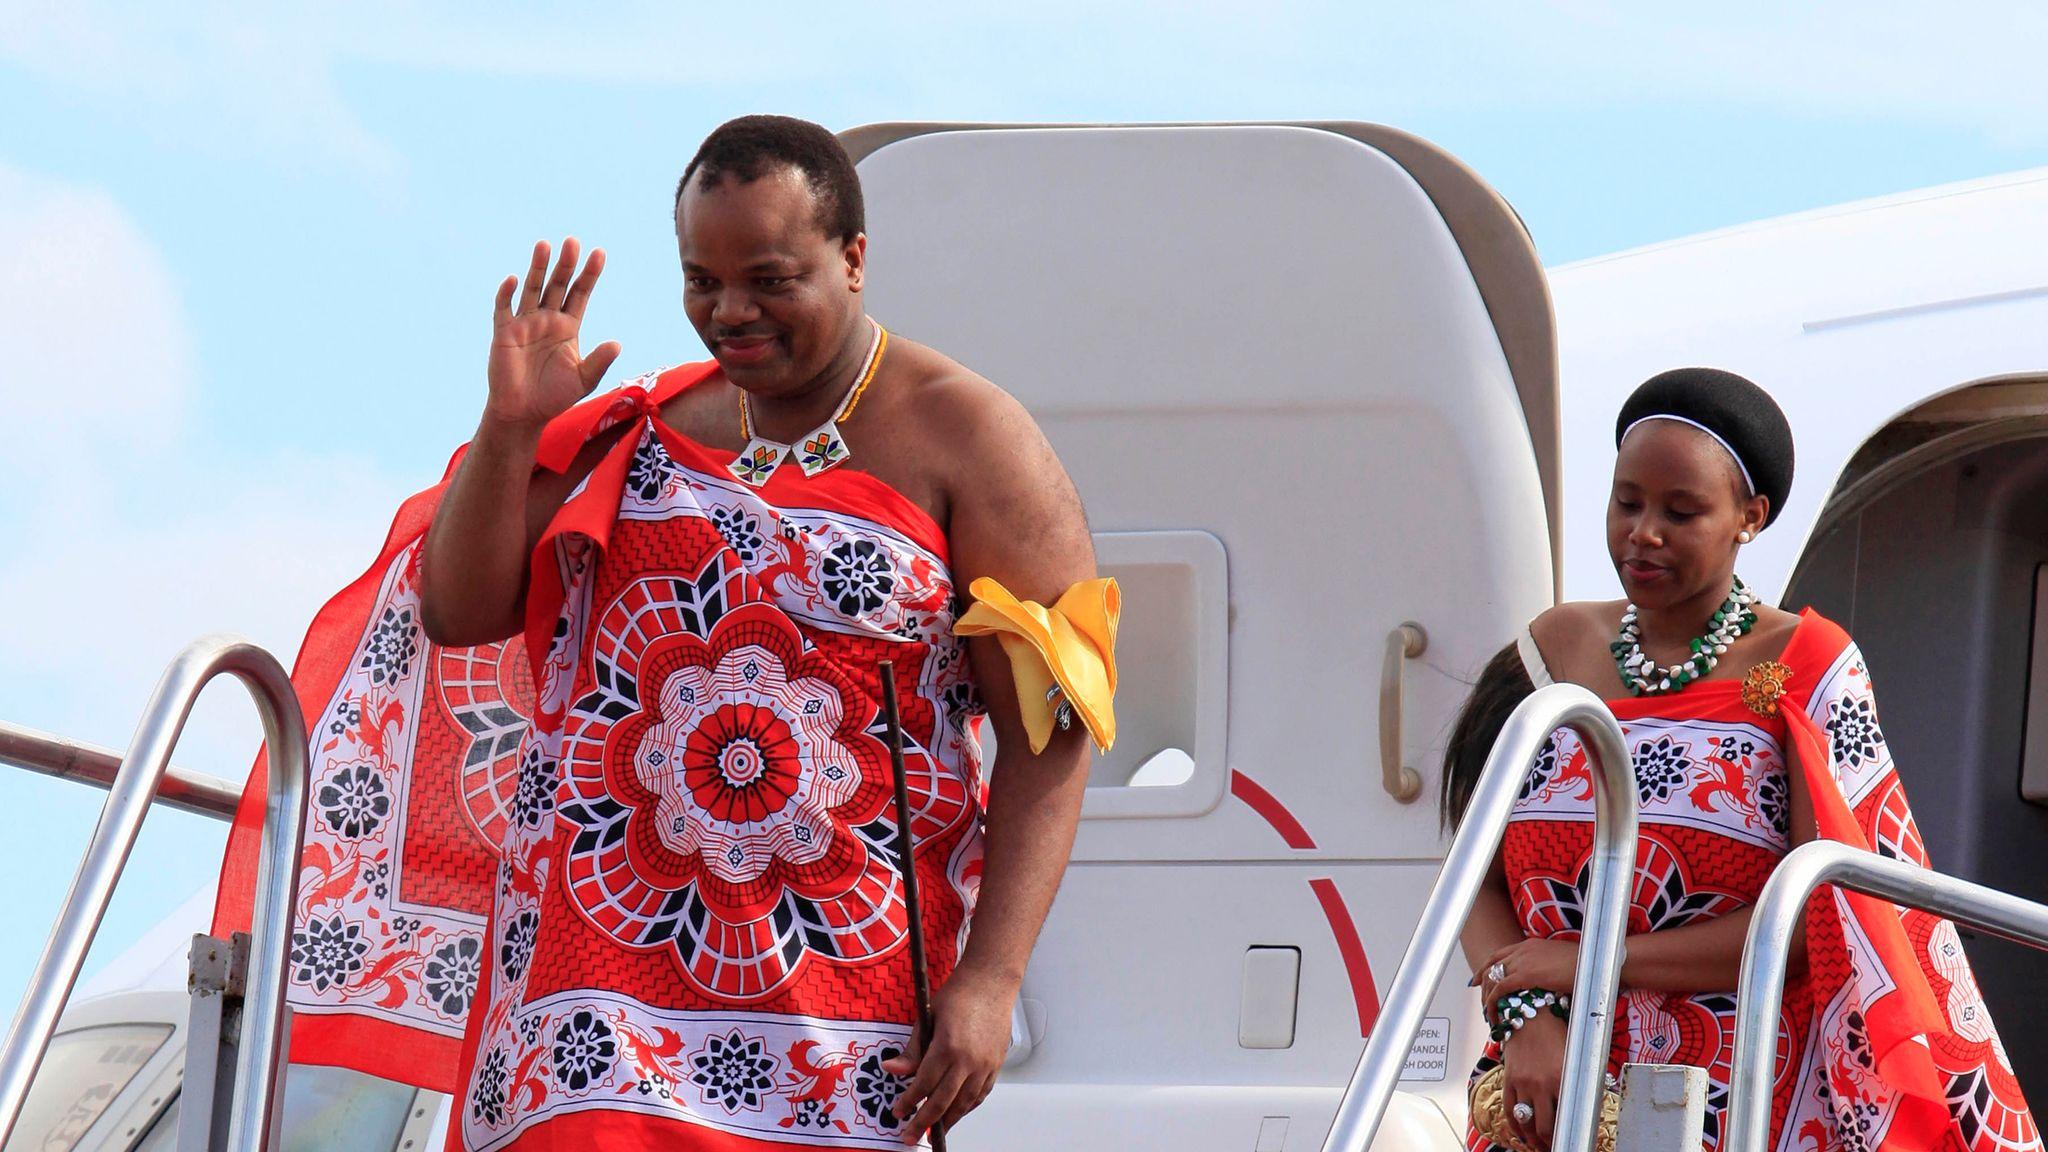 美国大使卸任前批非洲国王引争议